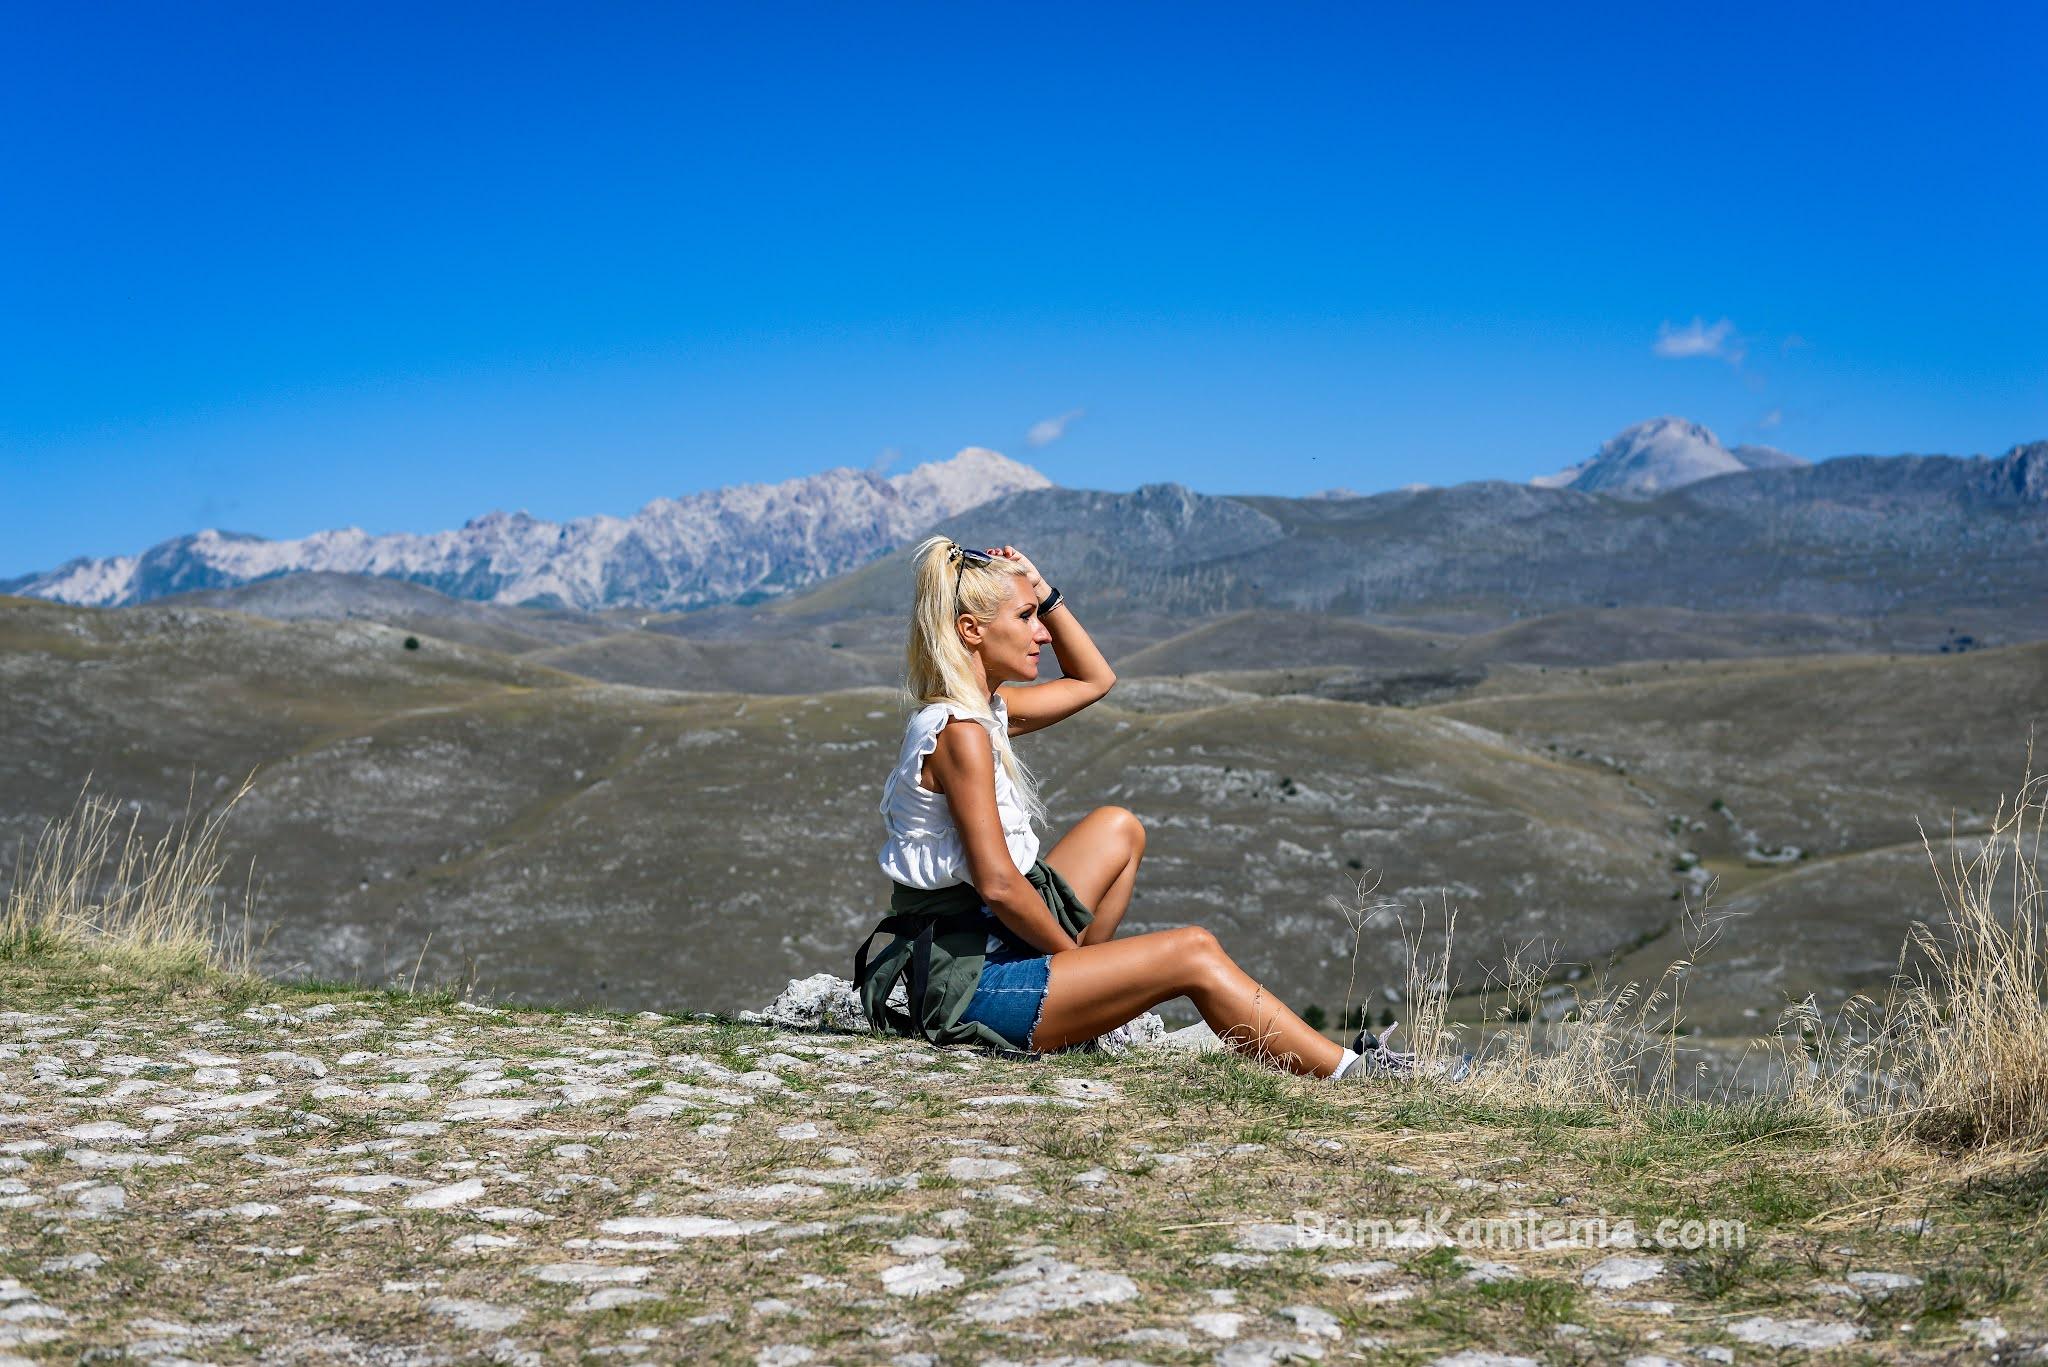 Wakacje w Abruzji, Dom z Kamienia blog, Katarzyna Nowacka